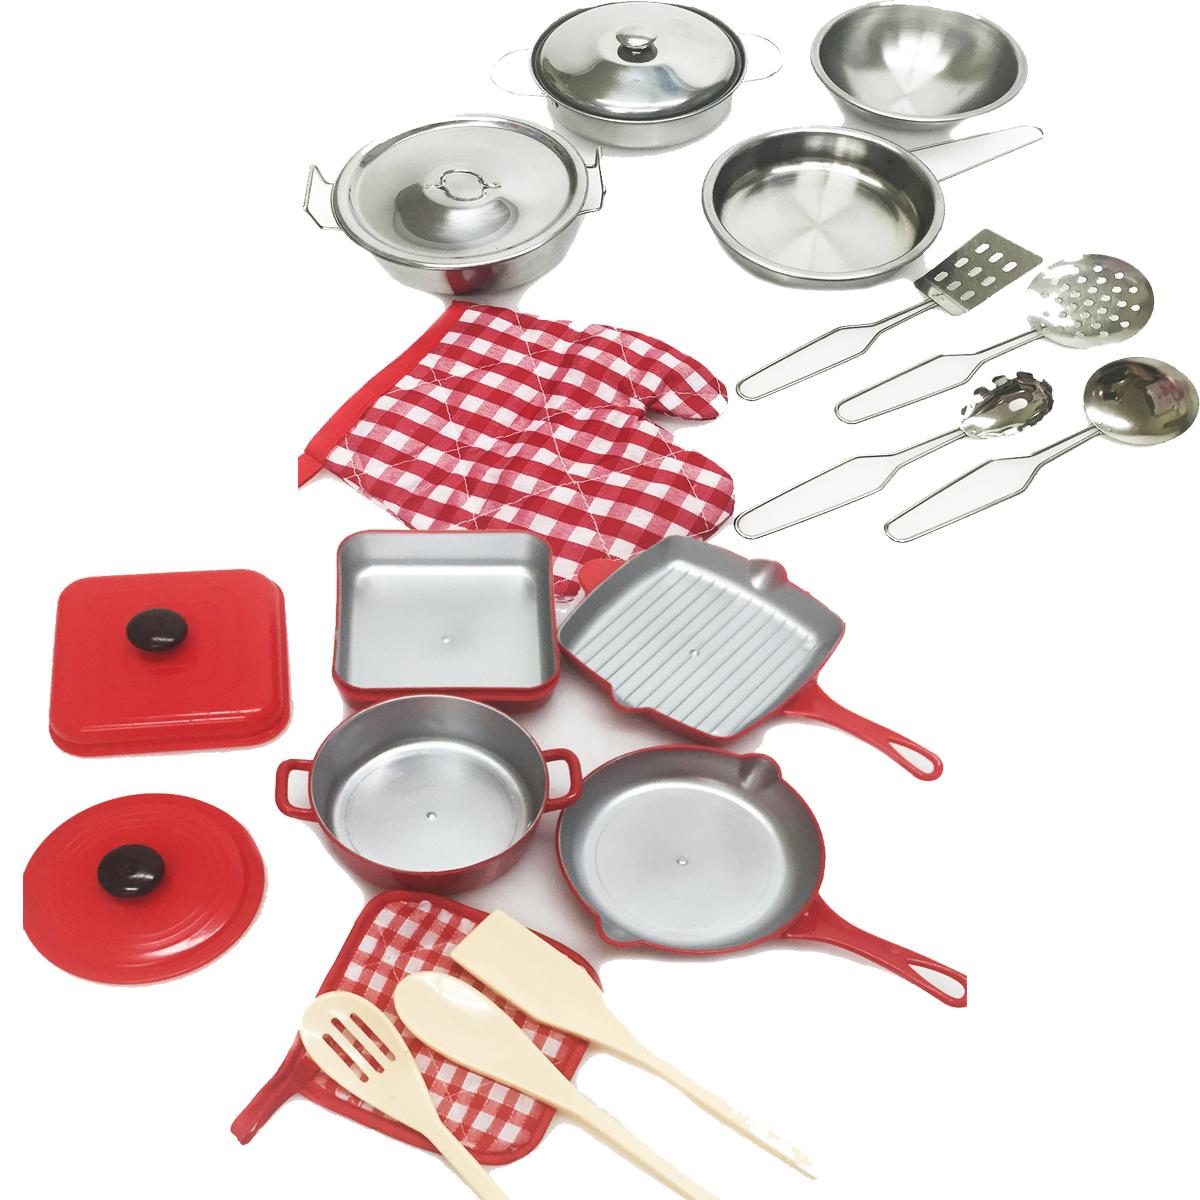 Kitchen Set Pots And Pans: 2 Playset Kids Pretend Kitchen Cooking Pots Pans Chef